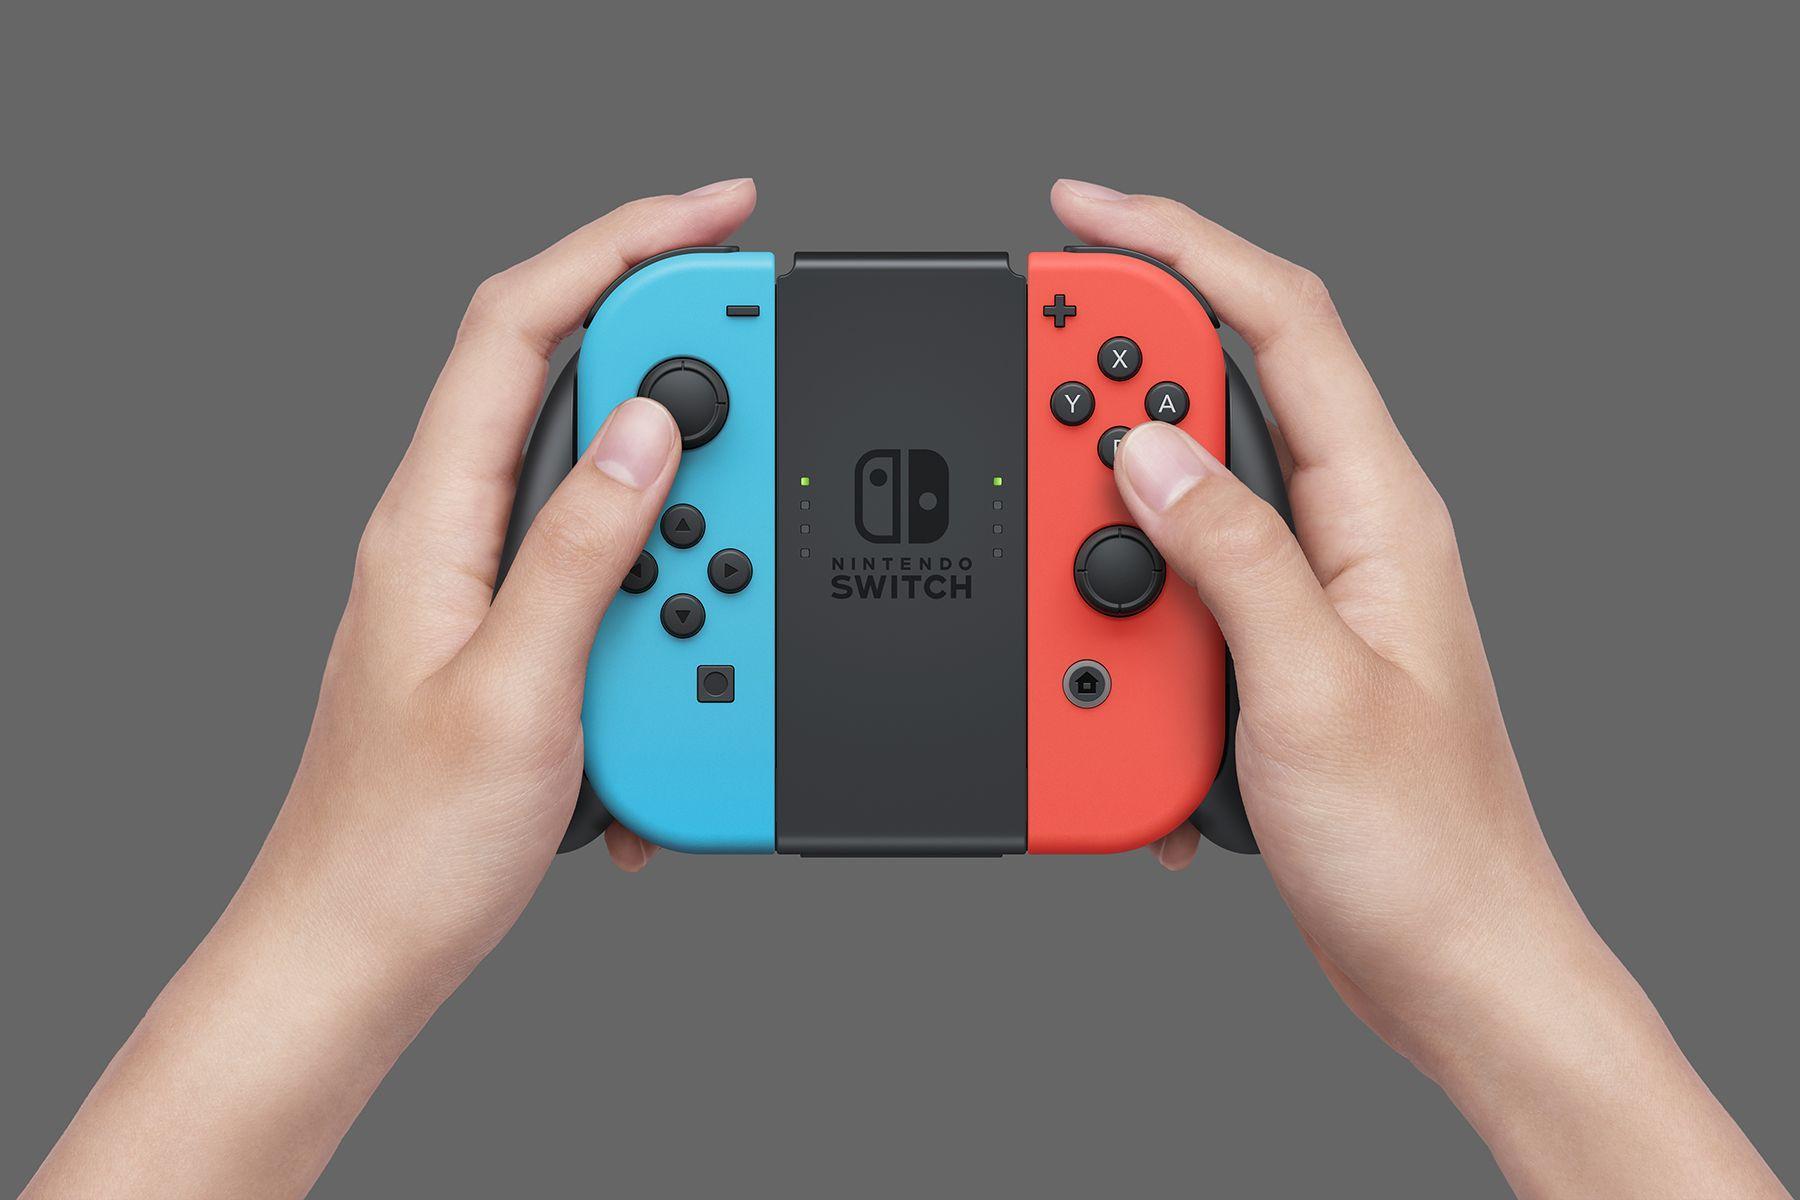 Diversi addetti ai lavori hanno confermato la compatibilità dei Joy-Con di Nintendo Switch con Android, macOS e Windows!